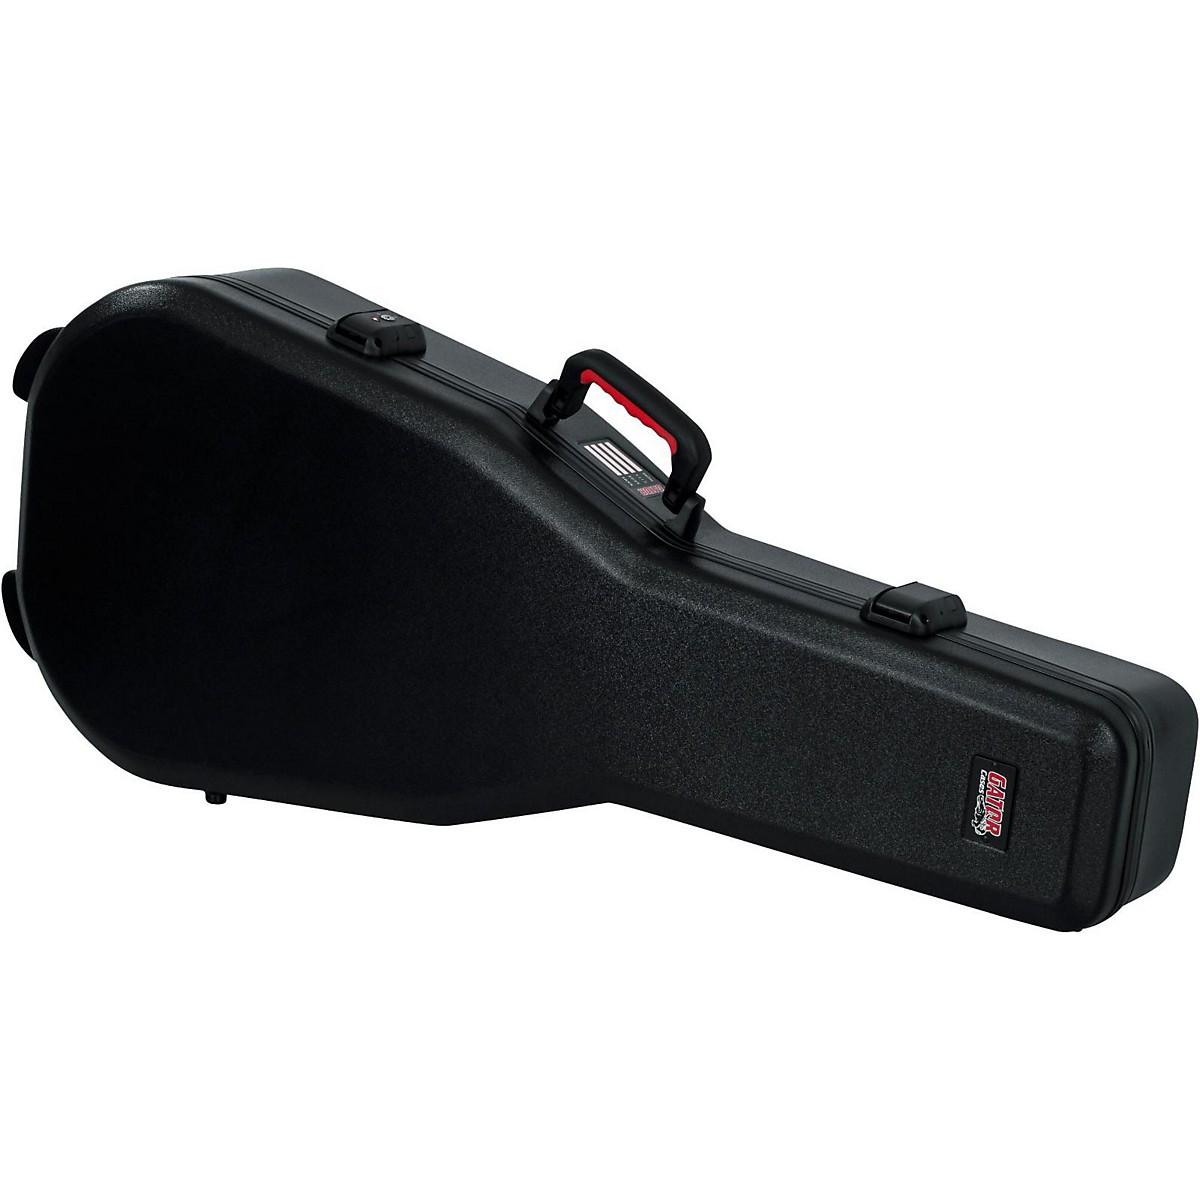 Gator TSA ATA Molded Acoustic Guitar Case